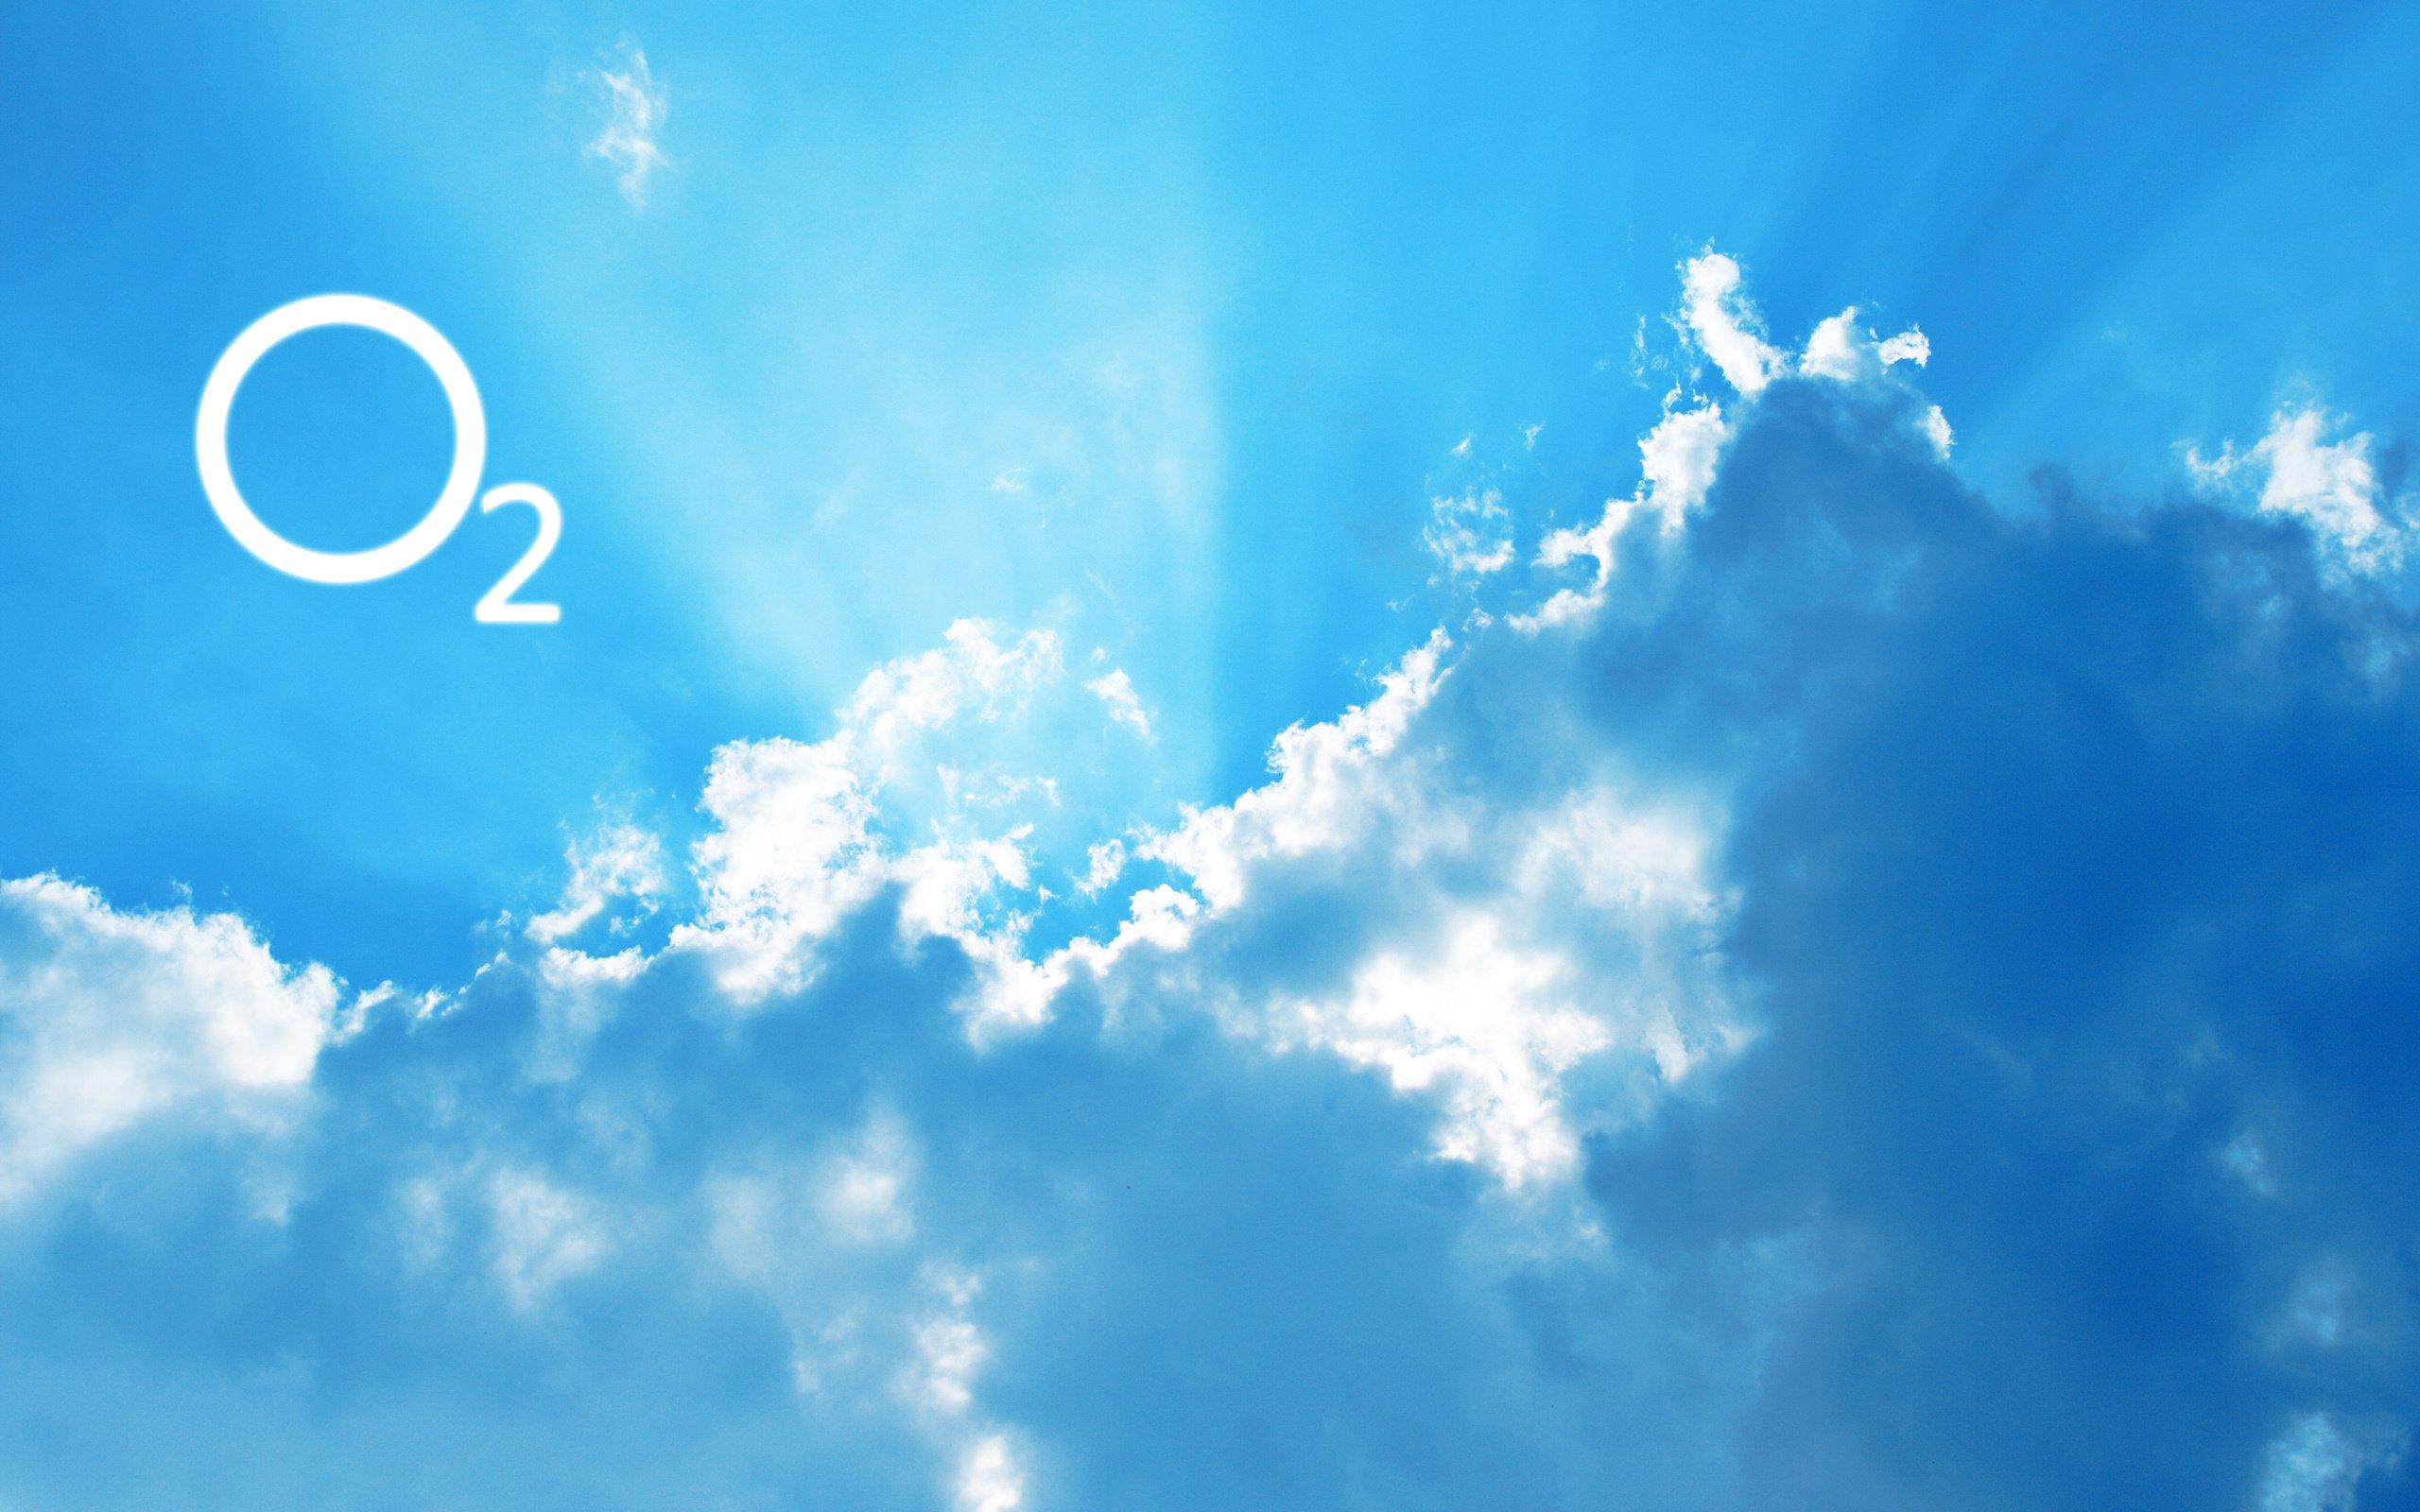 اگر اکسیژن در دنیا نباشد چه اتفاقی رخ میدهد؟